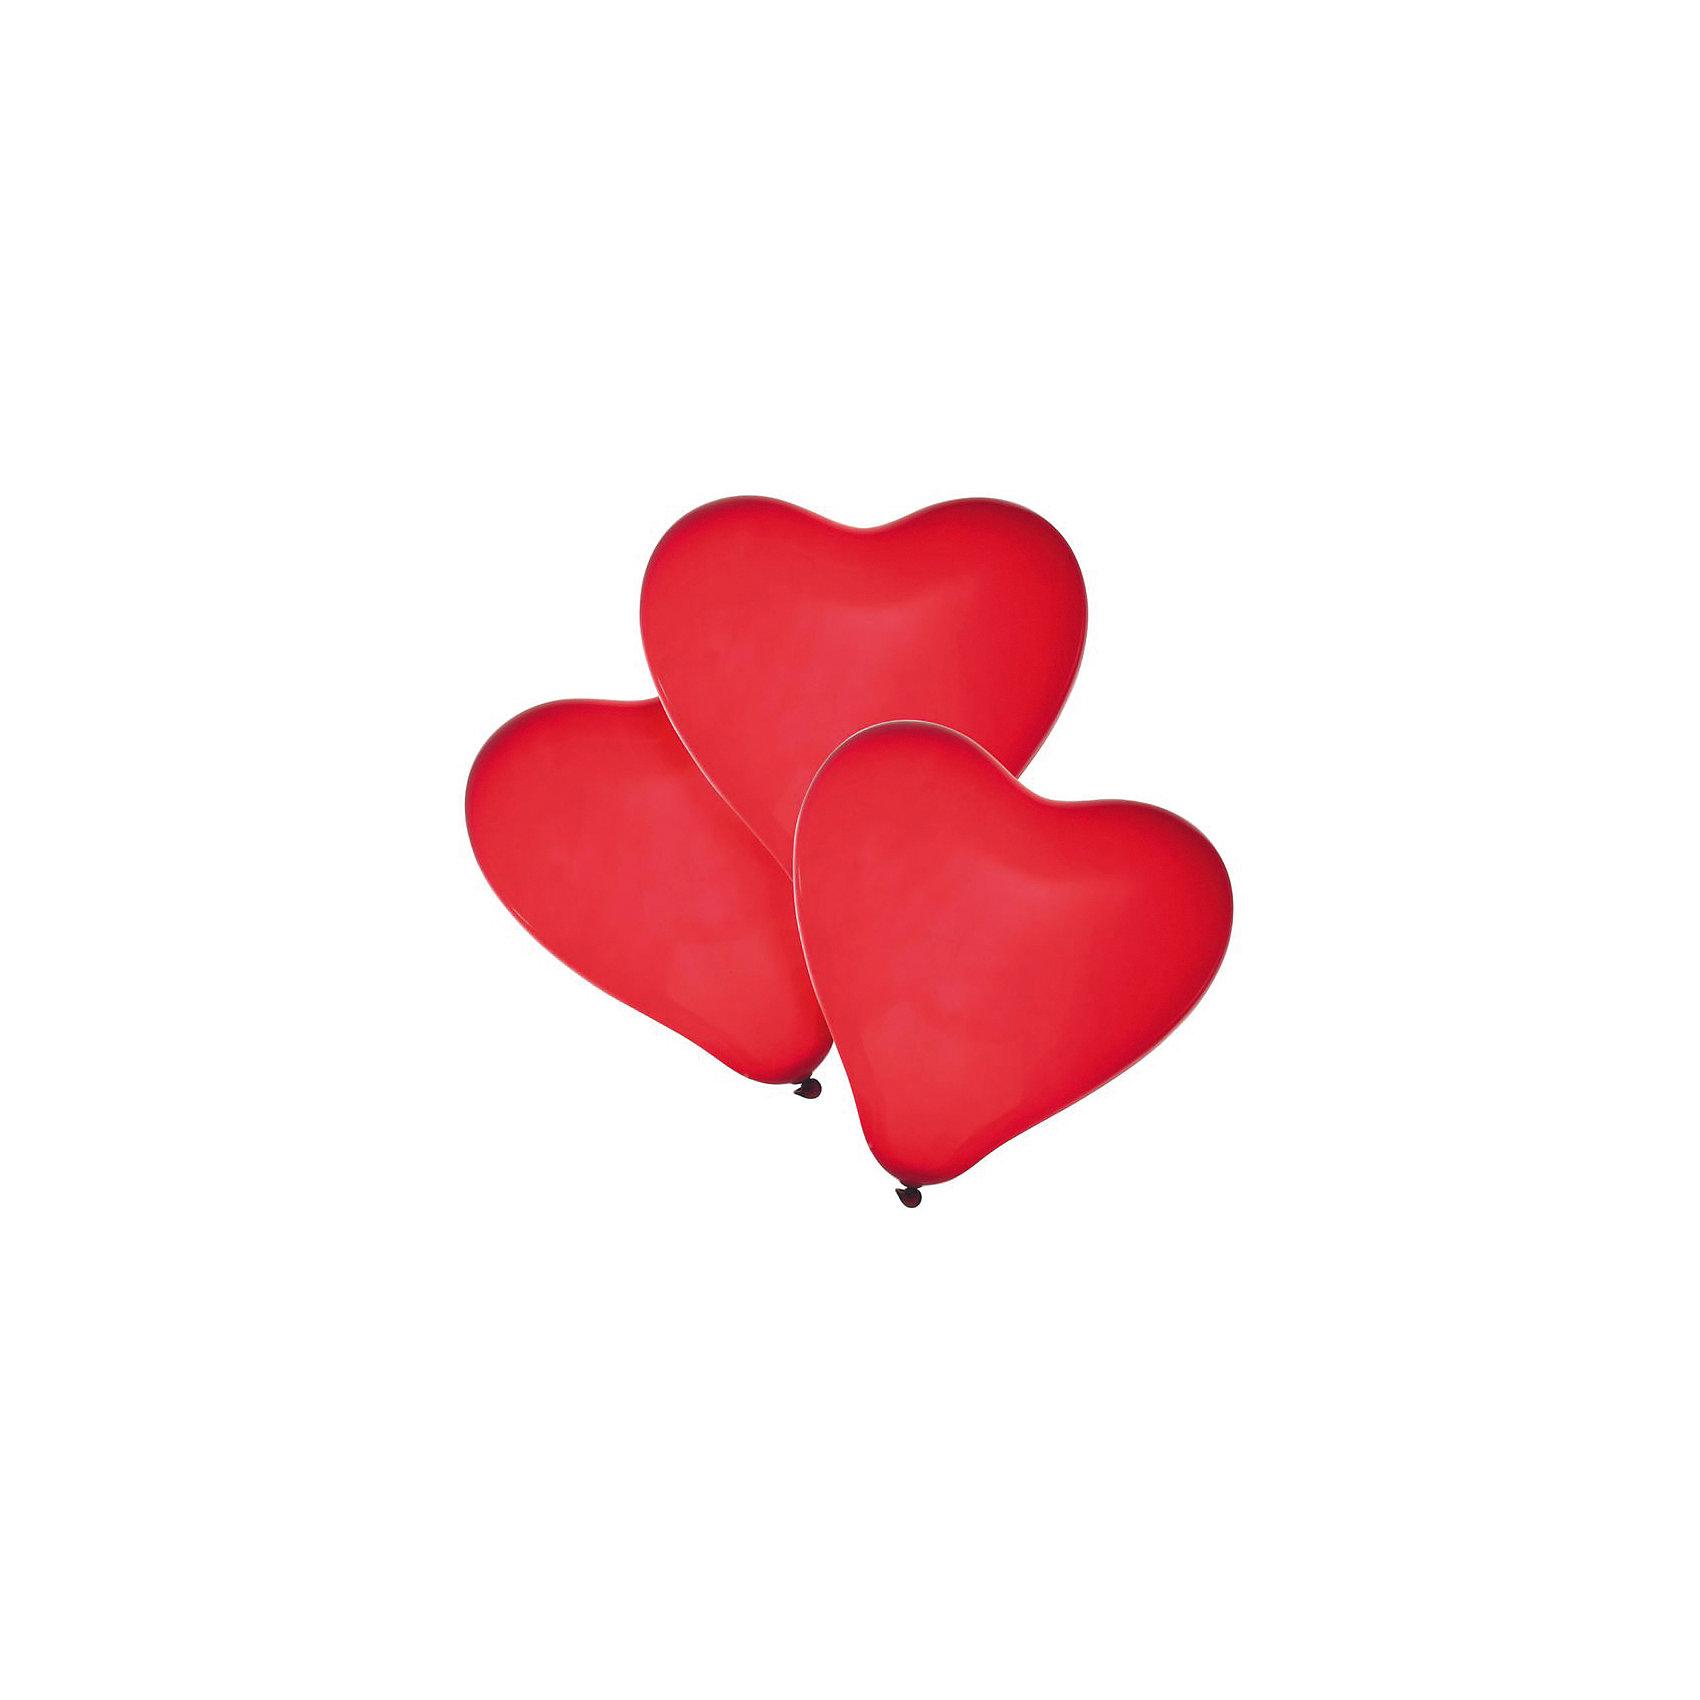 Шары воздушные Сердце, 50 штВсё для праздника<br>Характеристики товара:<br><br>• возраст: от 3 лет<br>• цвет: красный<br>• материал: биоразлагаемый латекс<br>• размер упаковки: 3х13х20 см<br>•  для надувания гелием или воздухом<br>• комплектация: 50 шт<br>• вес: 100 г<br>• страна бренда: Германия<br>• страна изготовитель: Германия<br><br>Ярко-красные воздушные шары в форме сердечек добавят красок и романтического настроения. Эти шарики подойдут для празднования дней рождений, свадеб и других торжественных случаев.<br><br>Изделие произведено из безопасного для детей материала.<br><br>Шары воздушные «Сердце», 60 шт от бренда Herlitz (Херлиц) можно купить в нашем интернет-магазине.<br><br>Ширина мм: 40<br>Глубина мм: 185<br>Высота мм: 270<br>Вес г: 123<br>Возраст от месяцев: 36<br>Возраст до месяцев: 2147483647<br>Пол: Унисекс<br>Возраст: Детский<br>SKU: 6886501